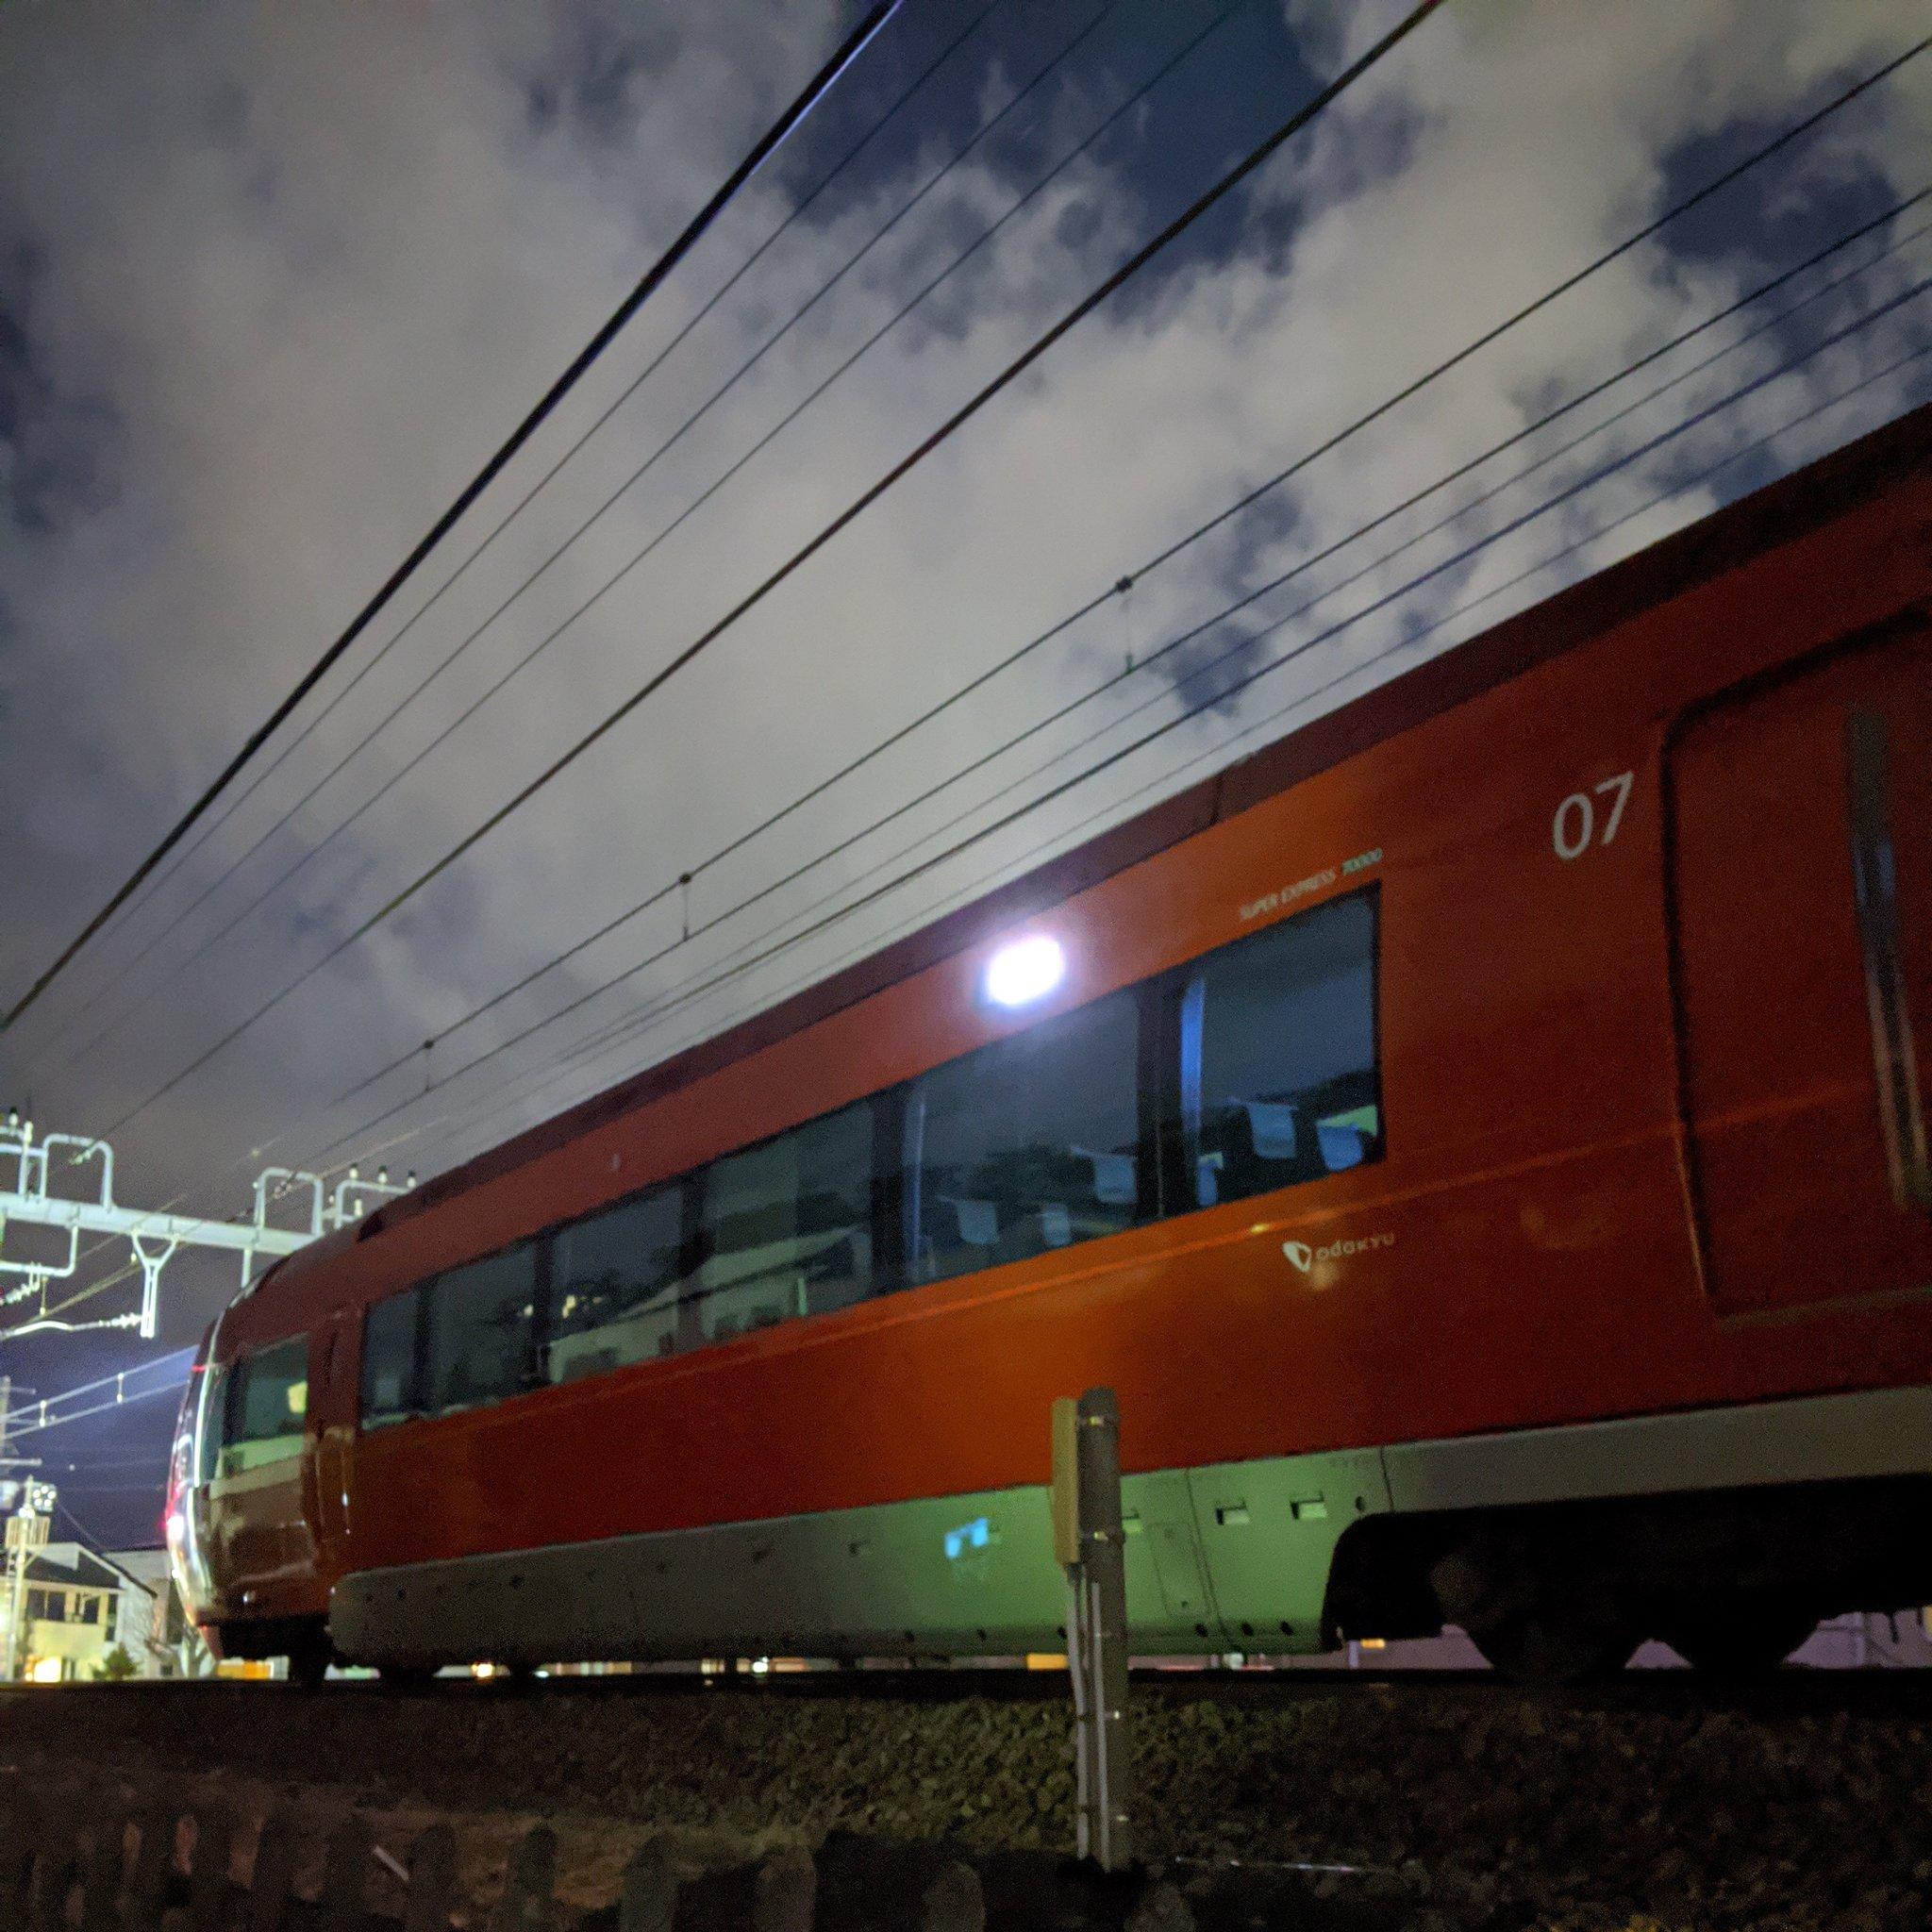 小田急江ノ島線の鶴間駅の人身事故でロマンスカーが運転を見合わせいる画像